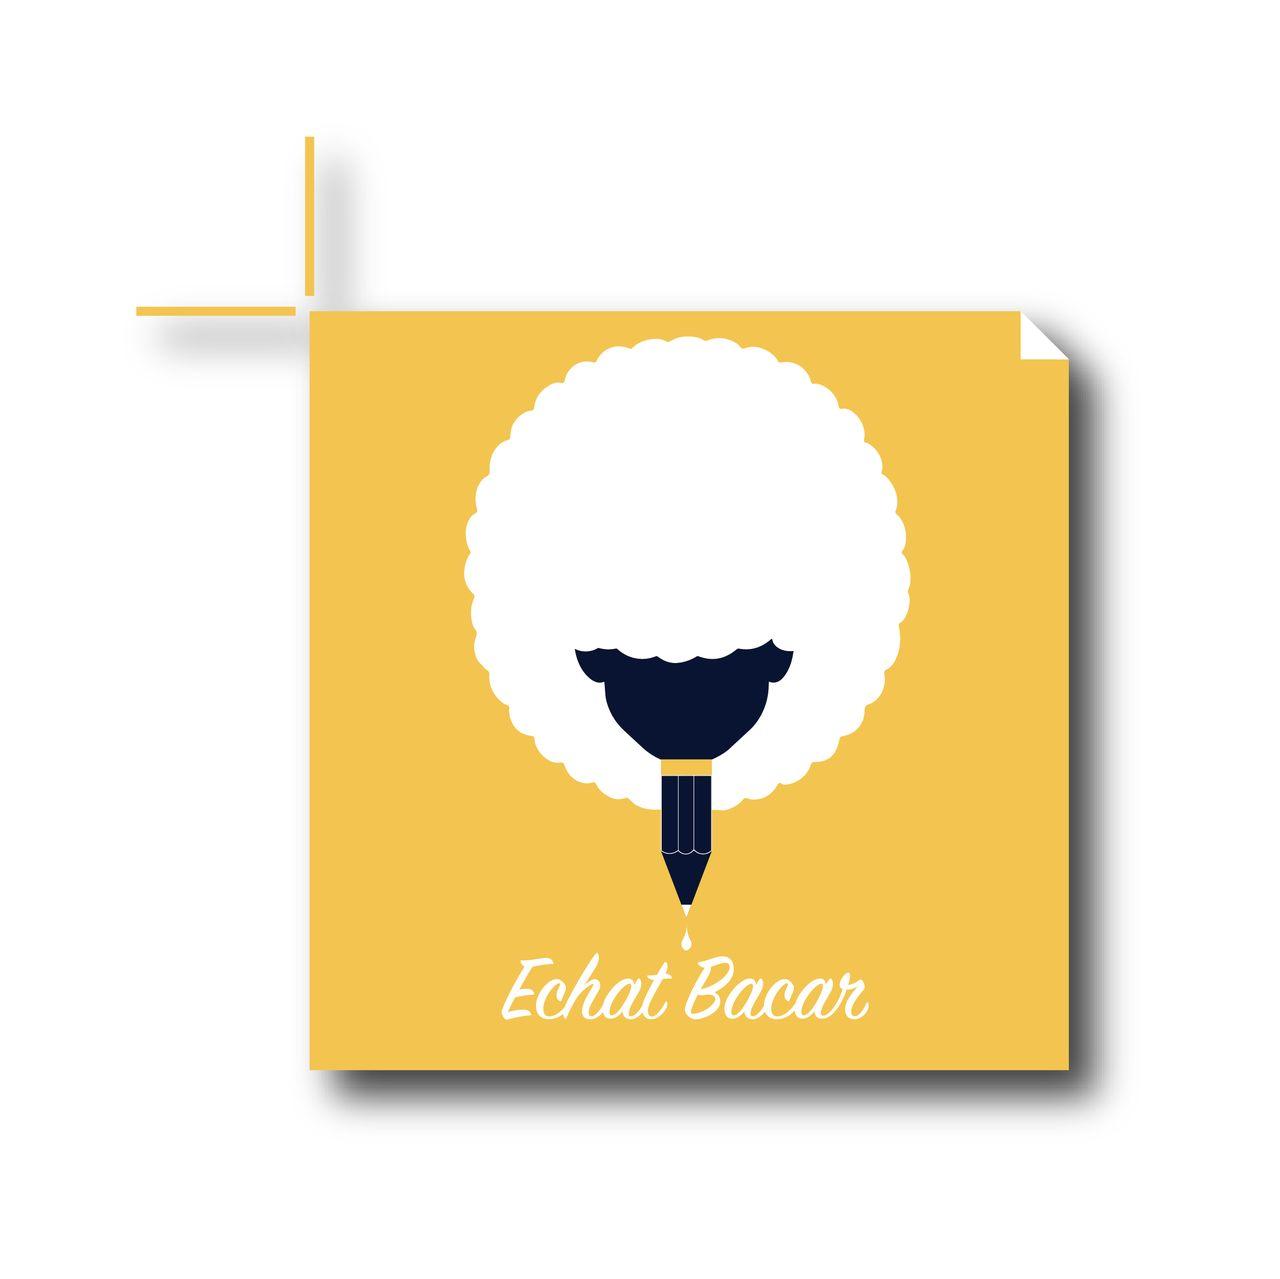 Mon logo - Echat BACAR